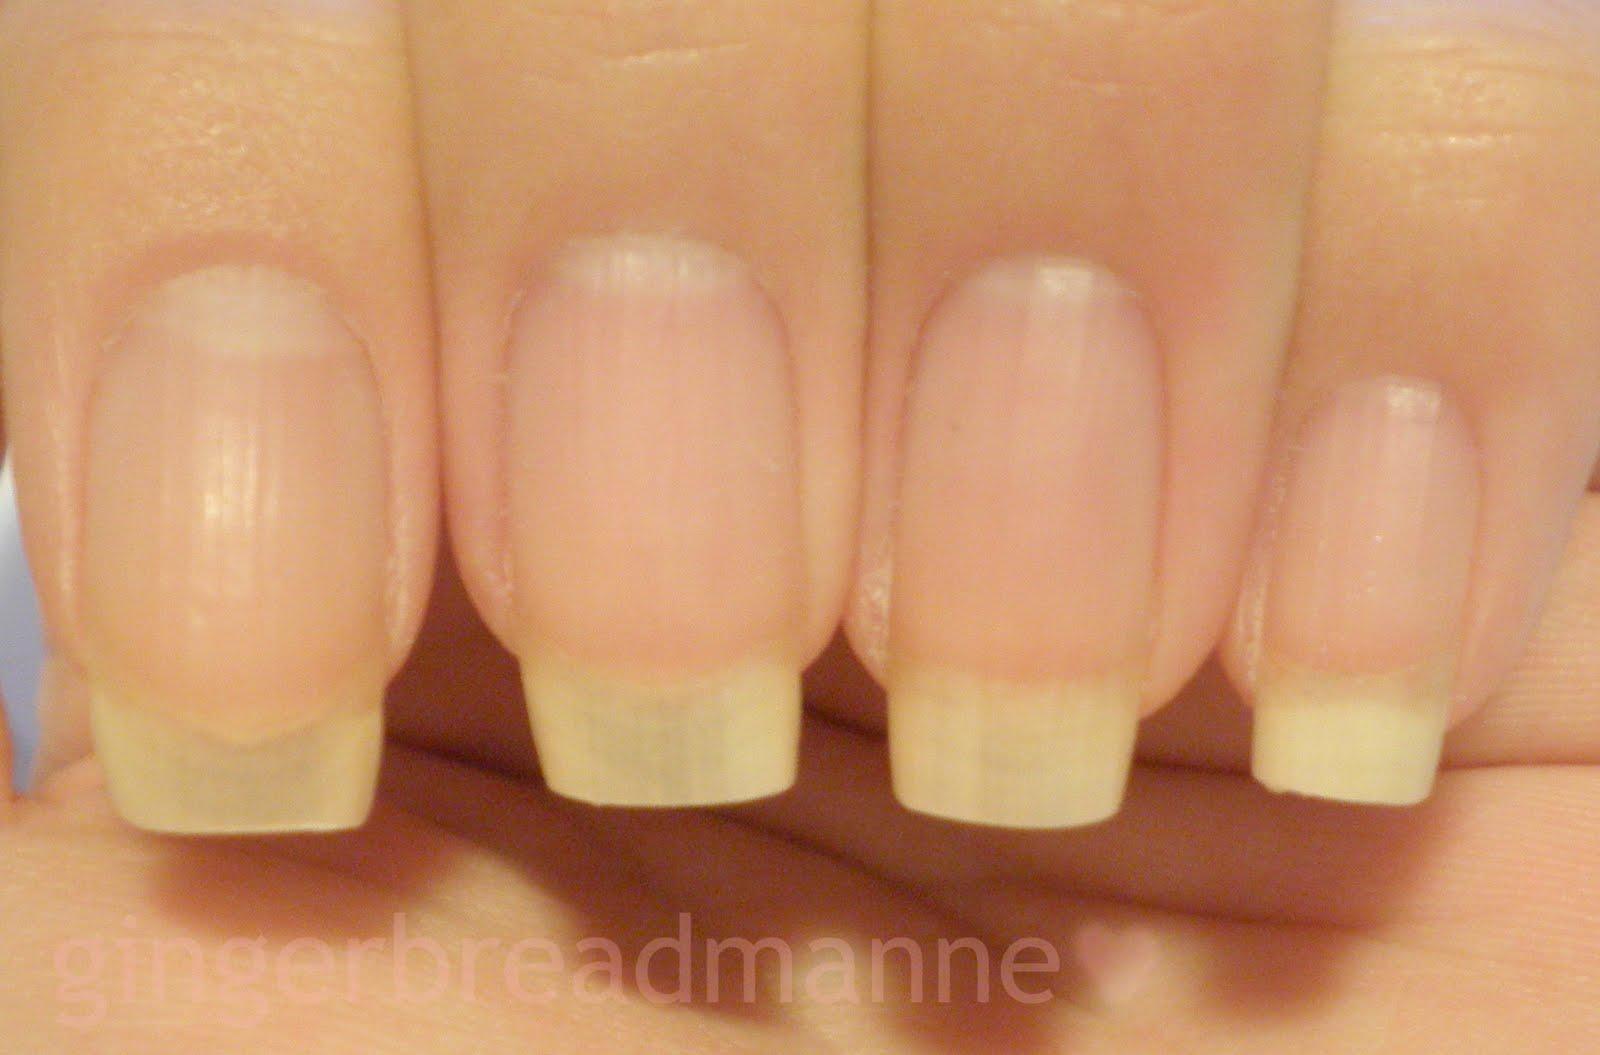 Квадратную форму ногтям